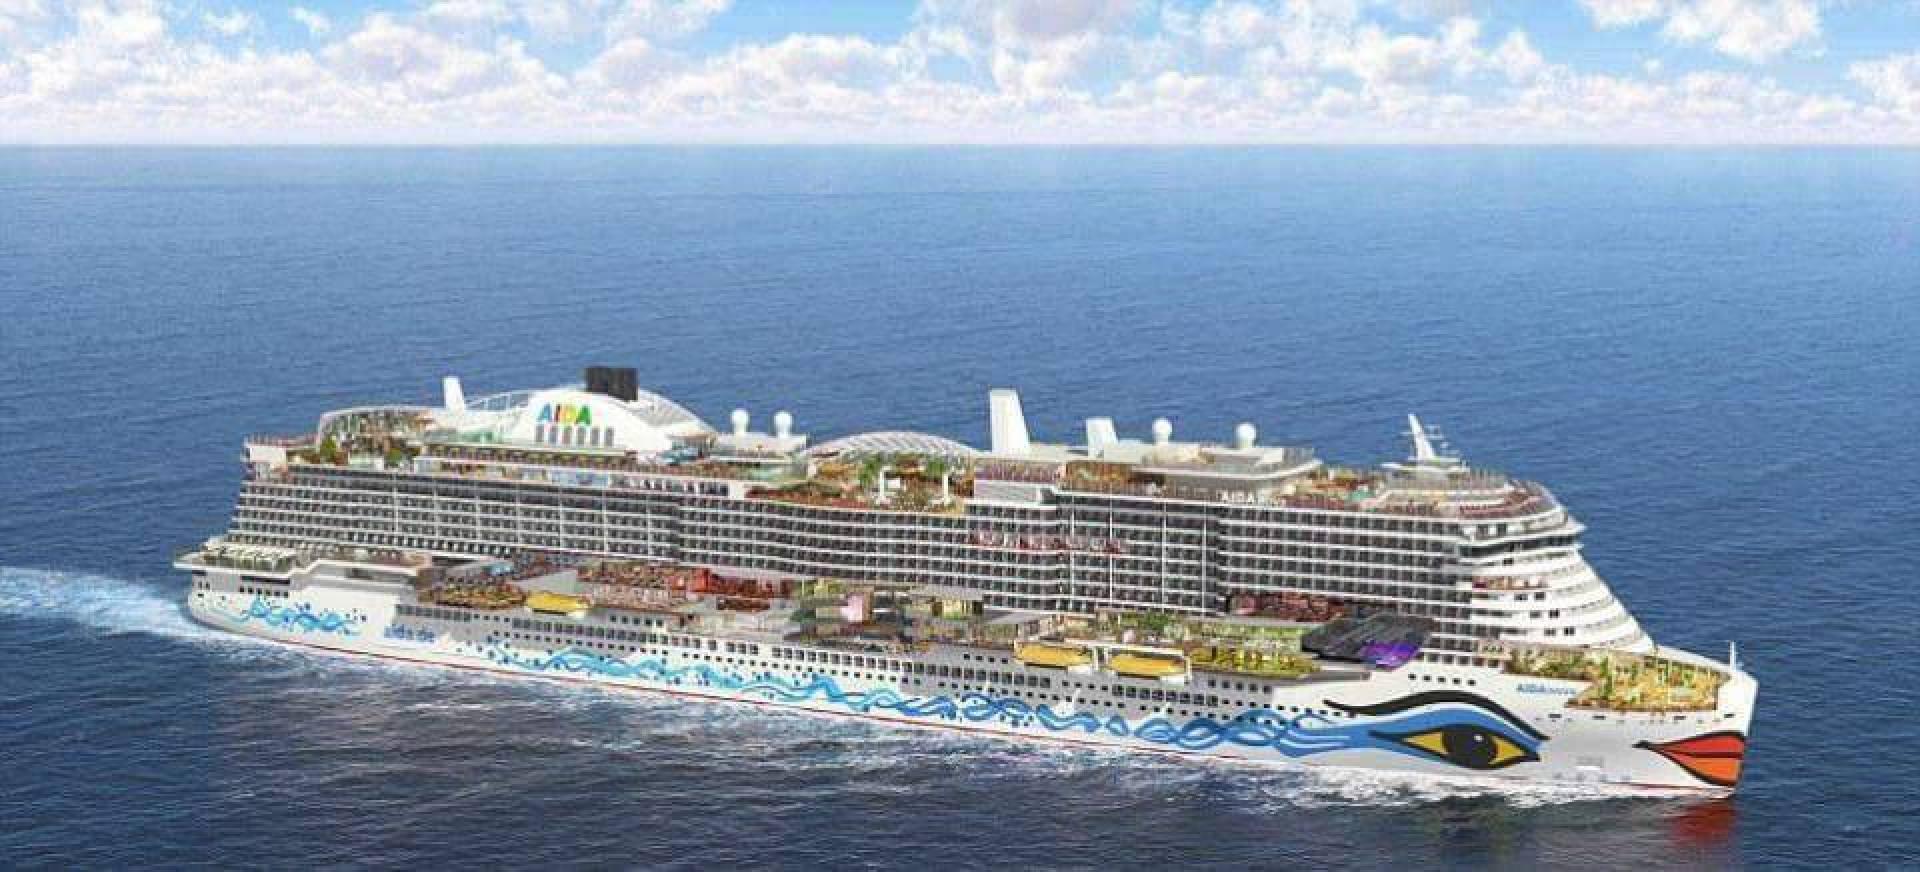 تضم 17 مطعماً و23 باراً و20 طابقاً.. إطلاق أكبر سفينة سياحية في العالم